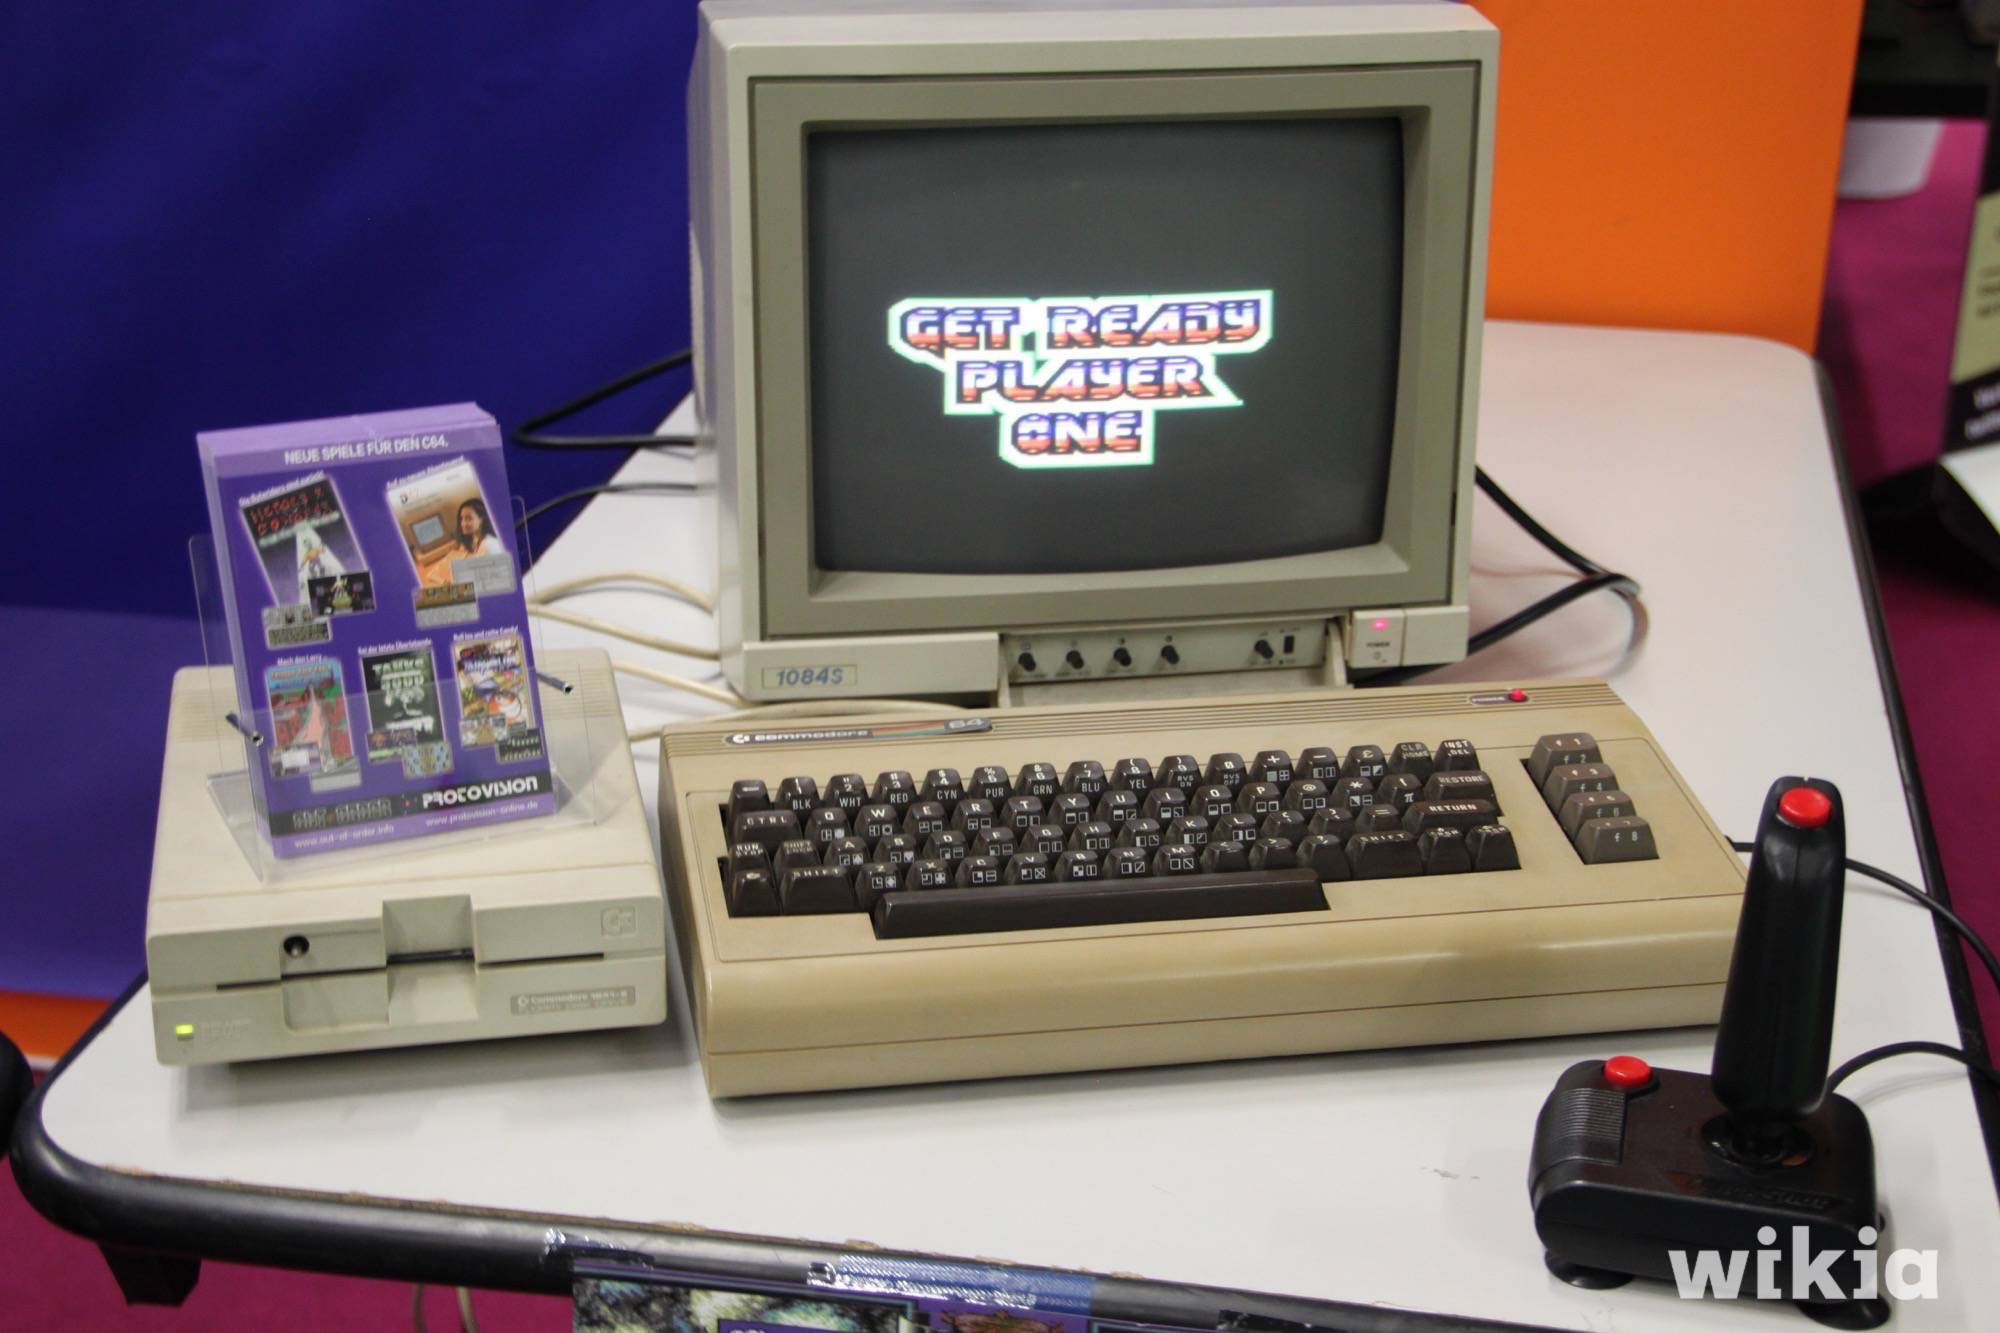 Photo: C64 (CC-Lizenz: BY-SA 2.0)